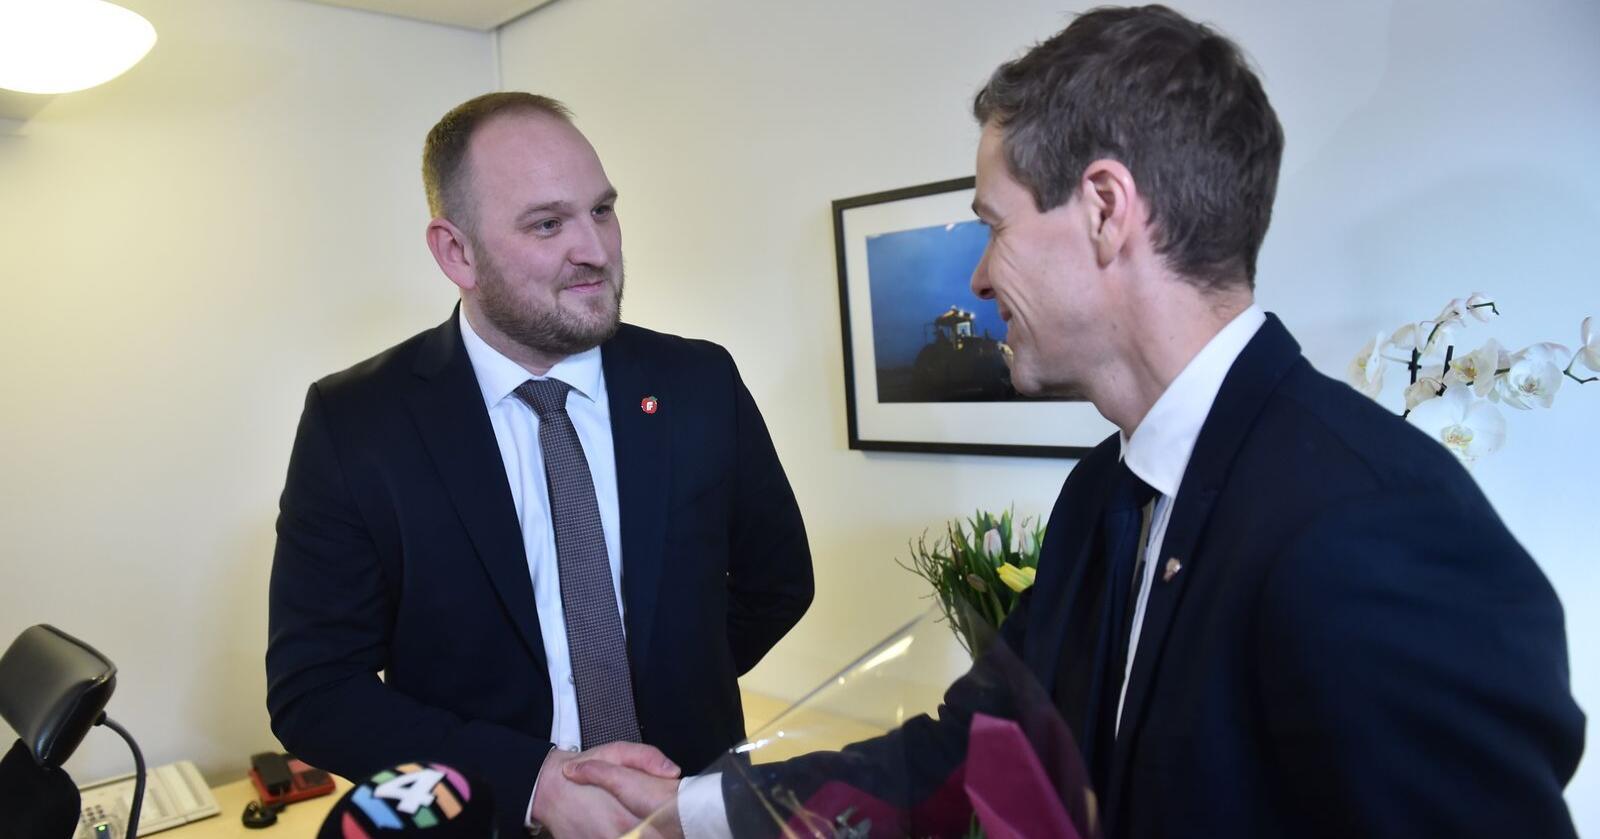 Nøkkeloverrekkelse i samferdselsdepartementet mellom Jon Georg Dale og Knut Arild Hareide i Oslo. Foto: Fredrik Varfjell / NTB scanpix